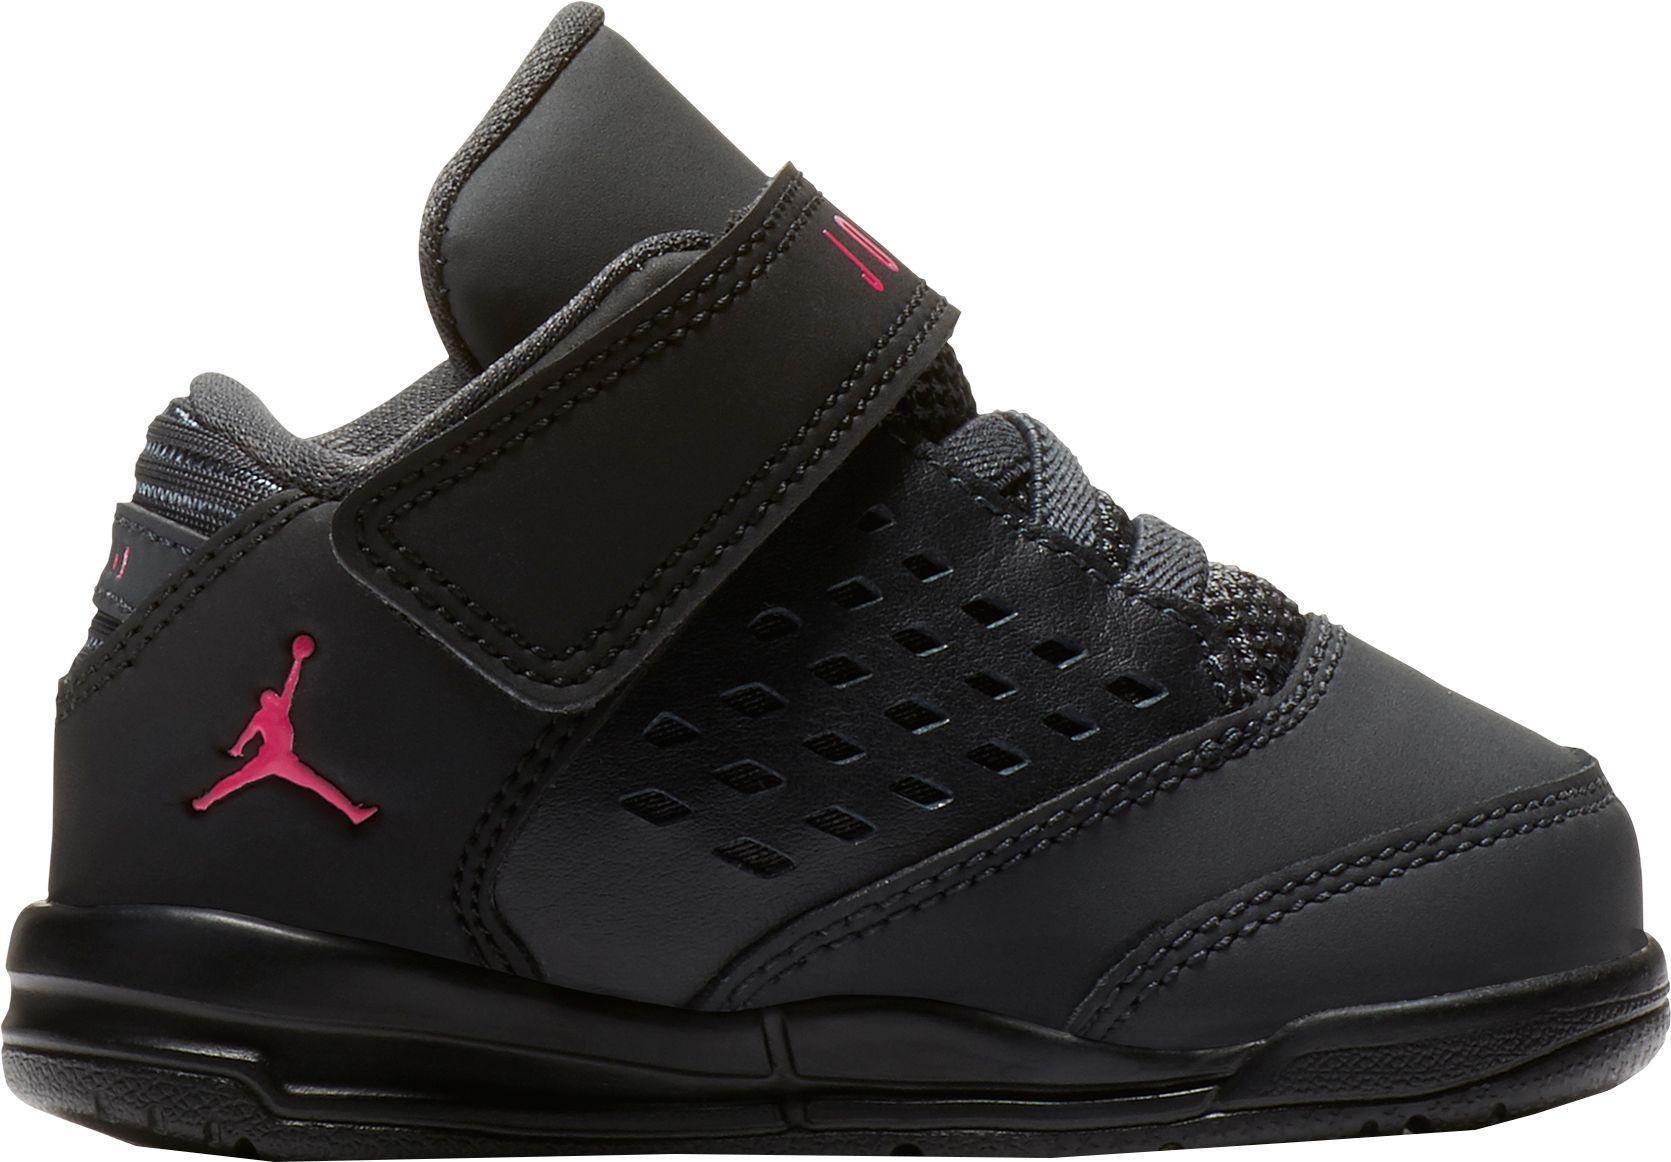 Nike Air Max 90 Hommes Chaussures Blanc Noir 600755 acheter votre favori Livraison gratuite SAST IX1q8G